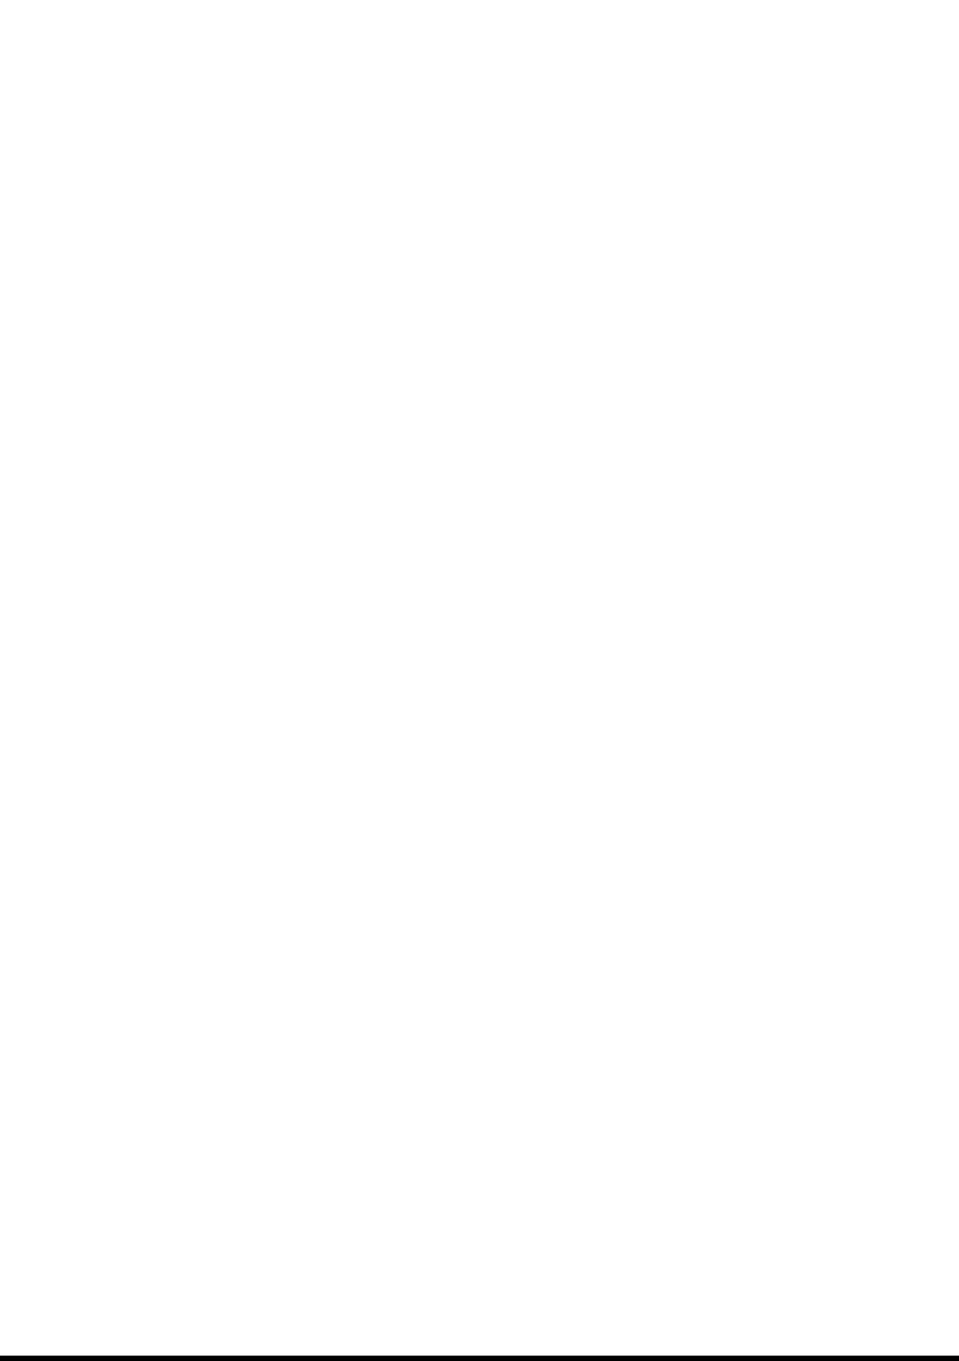 苏教版小学二教案年级朗读语文小学生秋游》刘胡兰《图片